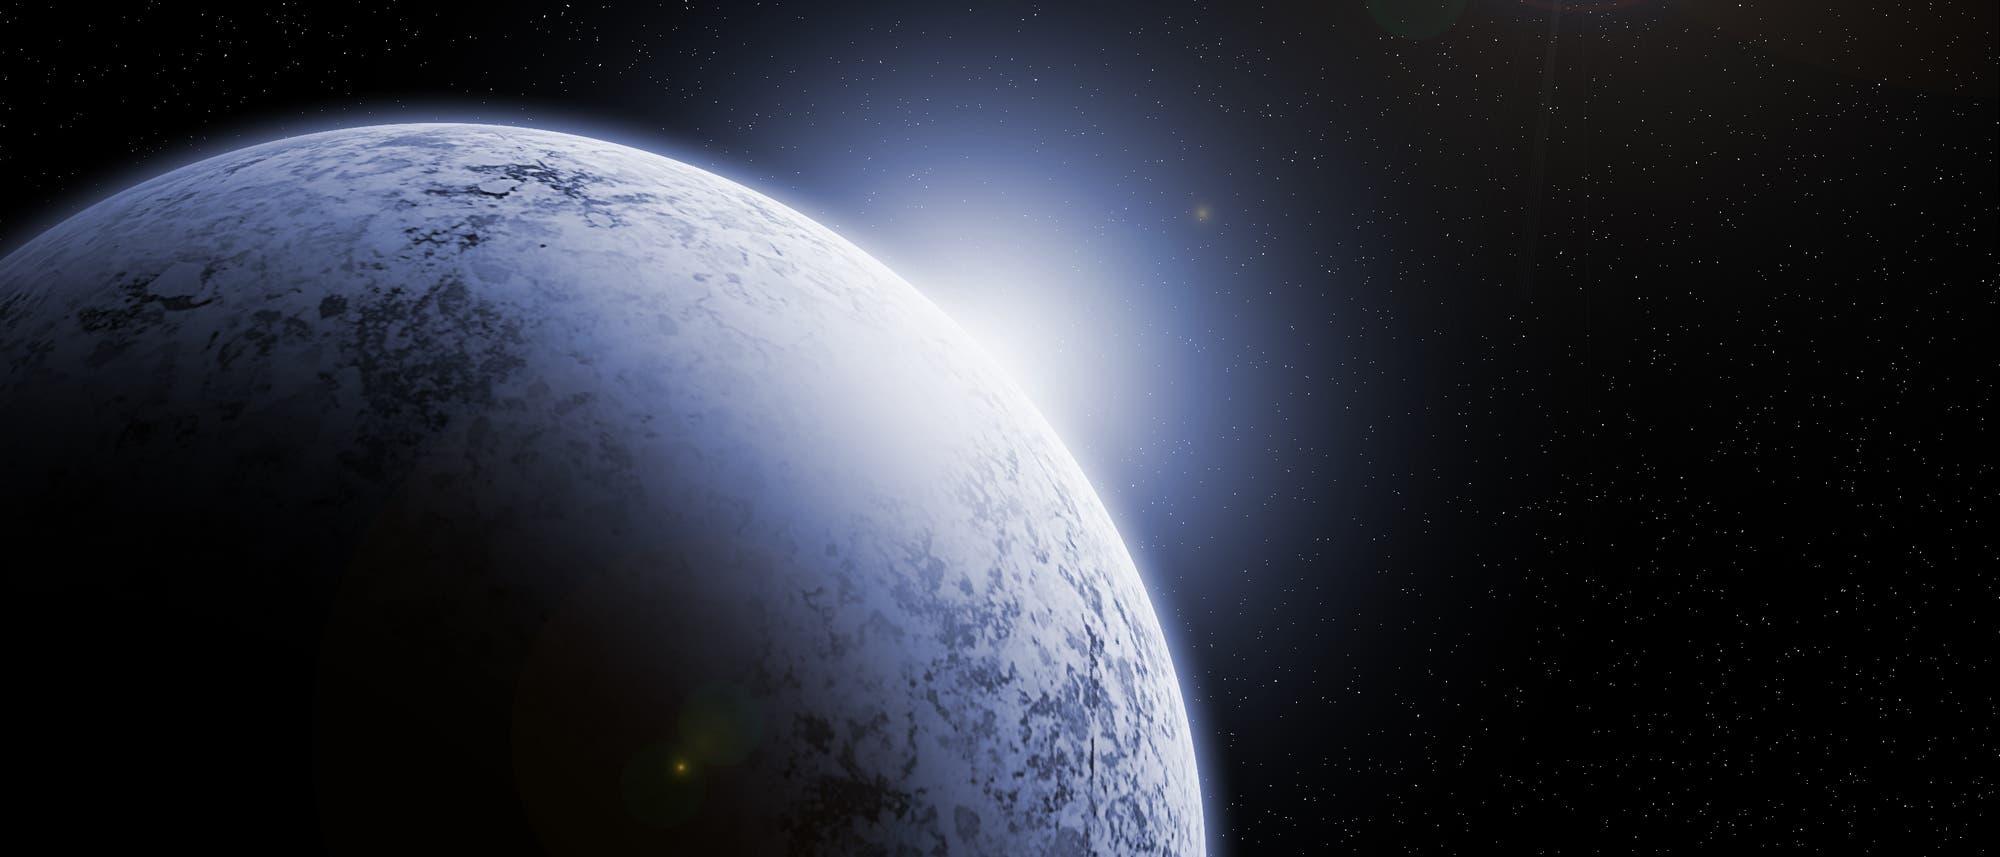 Eine künstlerische Impression der komplett vergletscherten Erde im All